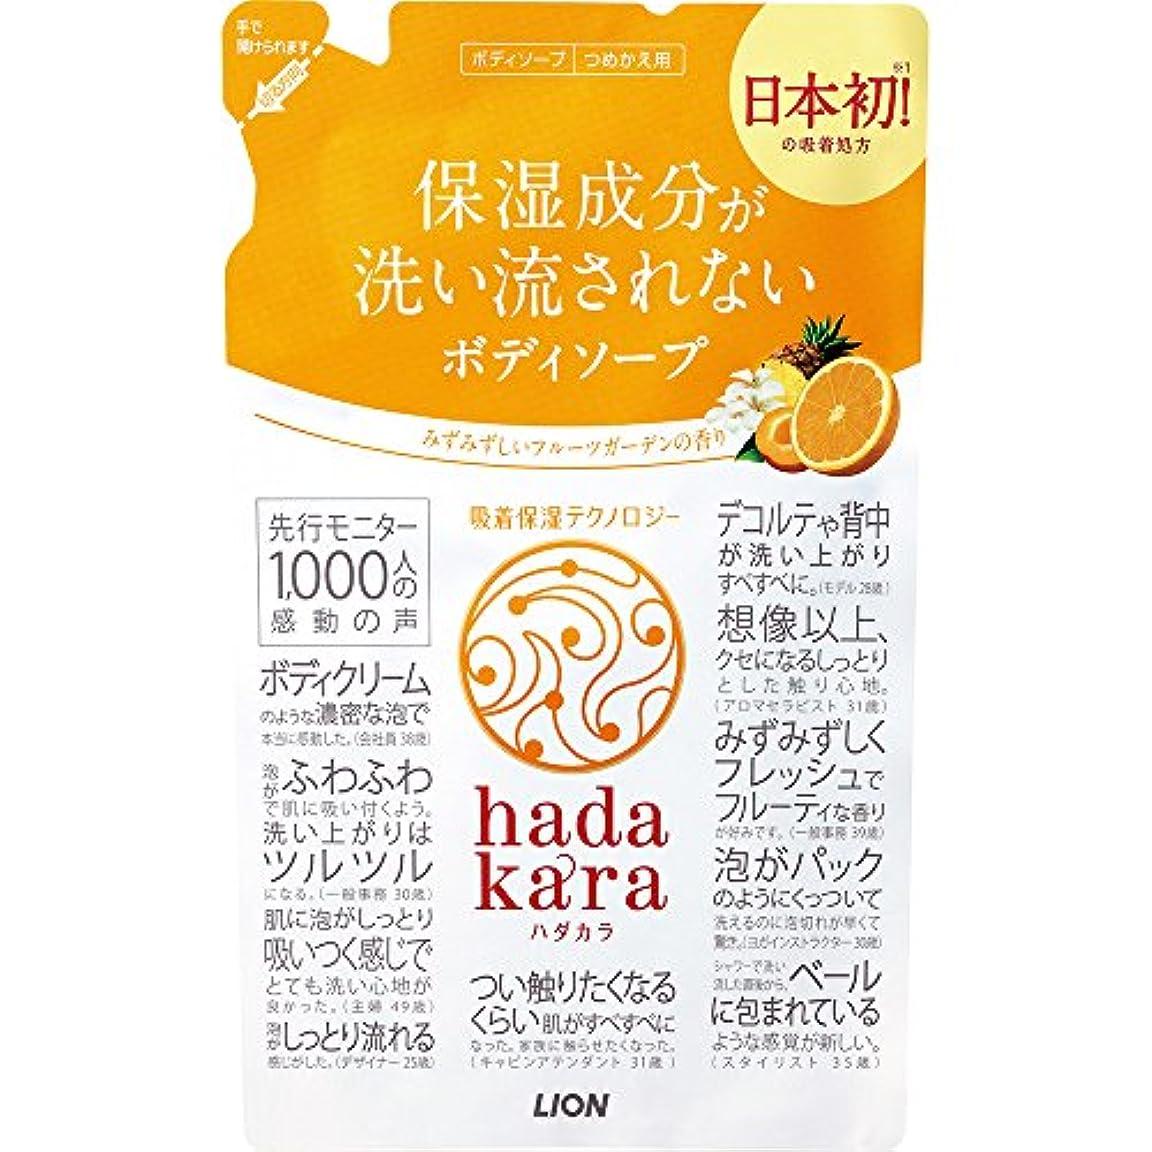 触手簡略化する守るhadakara(ハダカラ) ボディソープ フルーツガーデンの香り 詰め替え 360ml